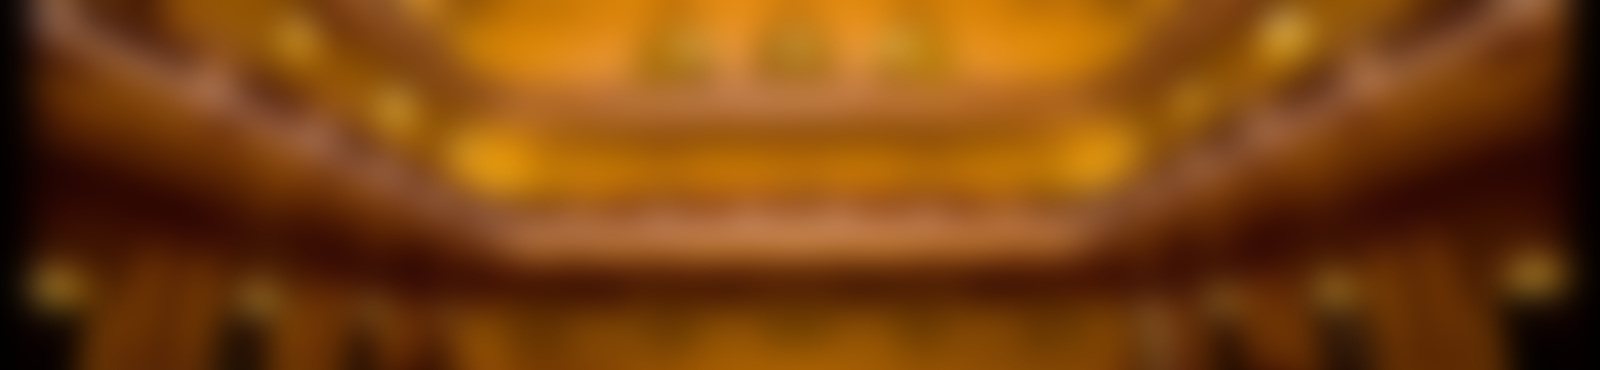 Blurred laeiszhalle 2 2c6a6646 8848 49df b400 c4629e55f6a3